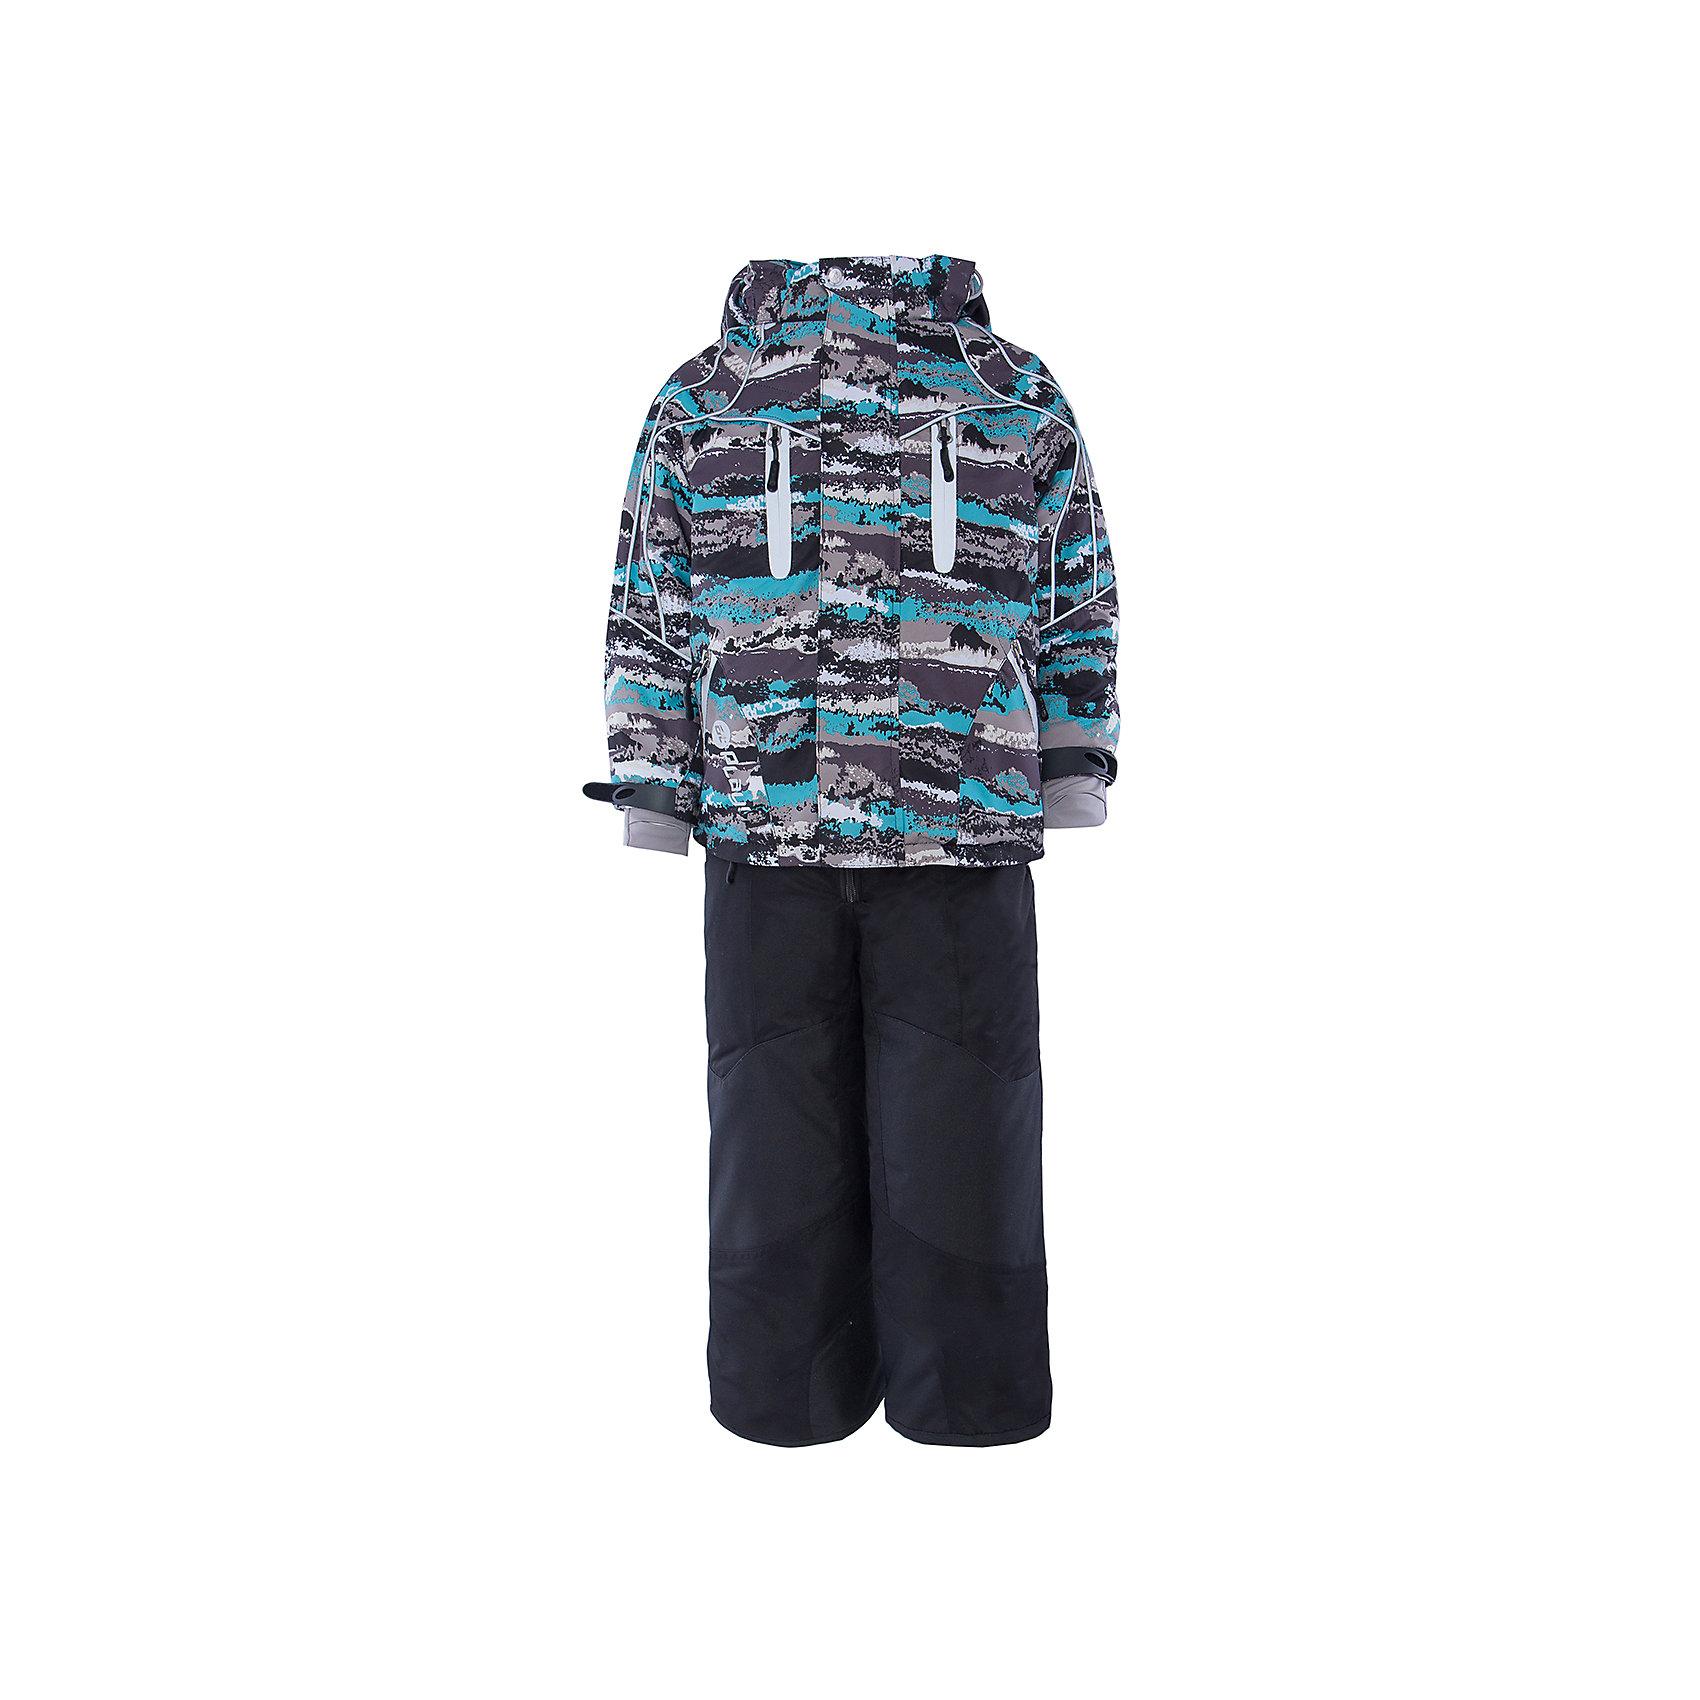 Комплект: куртка и полукомбинезон для мальчика atPlay!В холода необходимо особенно тщательно подходить к подбору одежды для ребенка. Чтобы обеспечить ему тепло, сухость и комфорт, можно выбрать этот костюм, сшитый из мембранного материала.<br>Он позволяет коже дышать, помогает выводить лишнюю влагу, при этом не позволяет ребенку замерзнуть или промокнуть. Выглядит при этом модель очень симпатично! Изделие выполнено очень качественно. Фурнитура для него подбиралась с учетом особенностей детского организма. В комплекте идет курточка и полукомбинезон.<br><br><br>Дополнительная информация:<br><br>цвет: серый, голубой;<br>материал: полиэстер, фурнитура YKK, водо- и грязеотталкивающее покрытие Teflon, нижний комбинезон - флис;<br>утеплитель: Thinsulate 150 г;<br>температурный режим: от -25° С до +5° С;<br>мягкие элементы на капюшоне и воротнике;<br>паропроницаемость: 10000 г / м.куб. / 24 ч;<br>водонепроницаемость: 10000 мм / 24 ч;<br>швы проклеены;<br>капюшон регулируется.<br><br>Костюм для мальчика от бренда atPlay! можно приобрести в нашем интернет-магазине.<br><br>Ширина мм: 356<br>Глубина мм: 10<br>Высота мм: 245<br>Вес г: 519<br>Цвет: серый/голубой<br>Возраст от месяцев: 36<br>Возраст до месяцев: 48<br>Пол: Мужской<br>Возраст: Детский<br>Размер: 116,110,104,128,122<br>SKU: 4973812